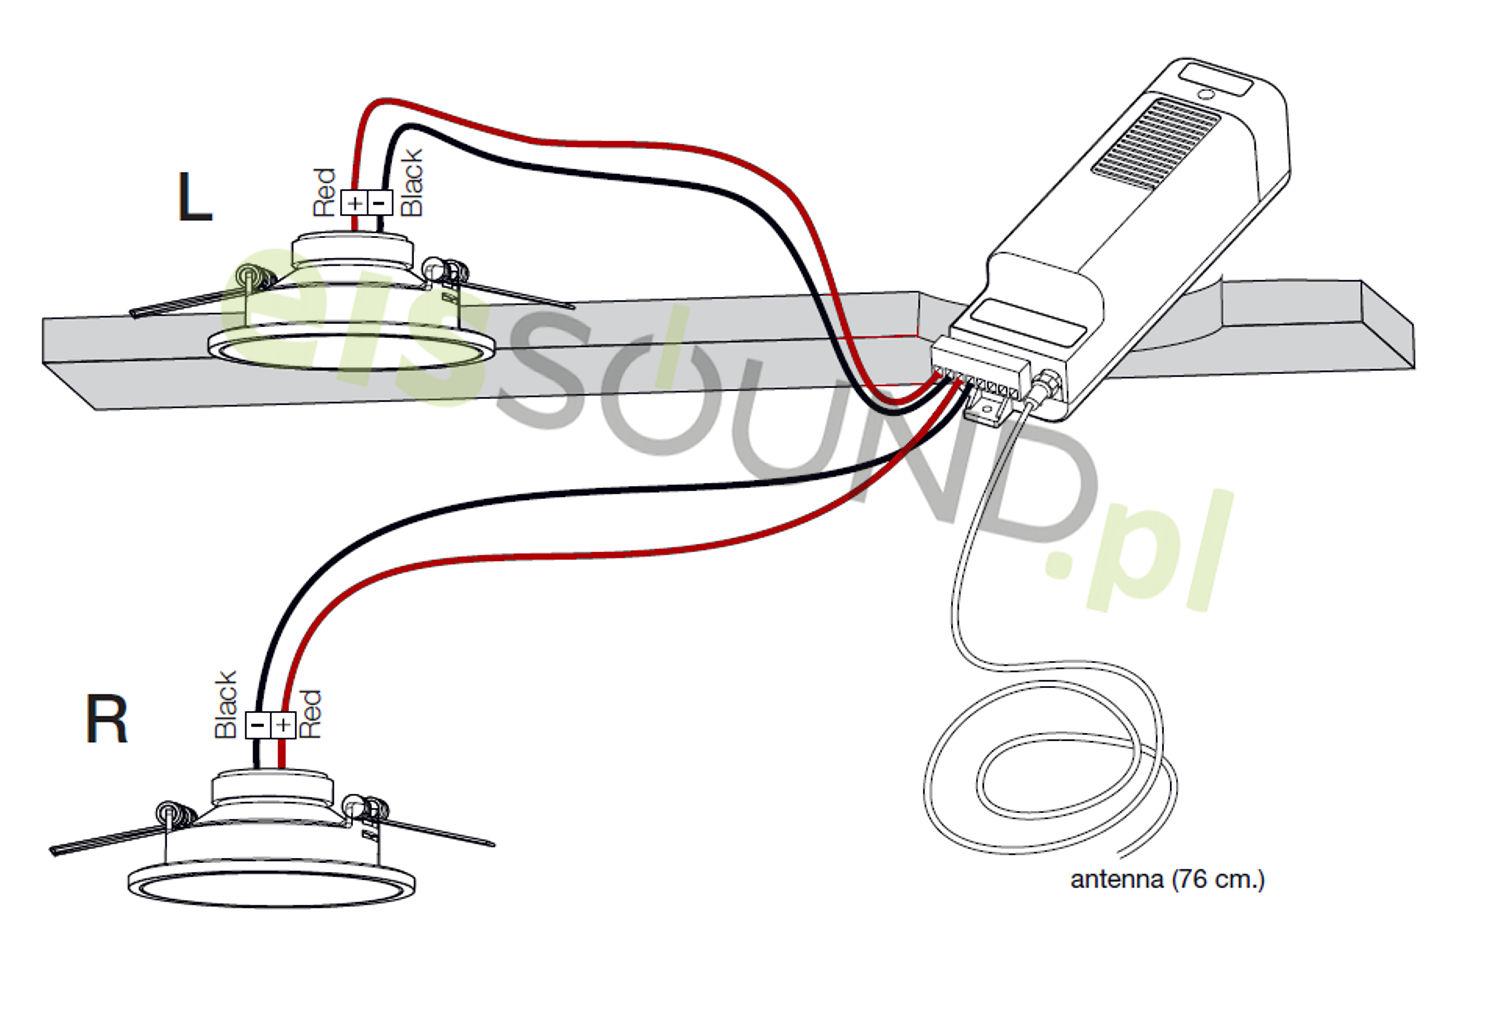 instrukcja montażu radia kuchennego KB Sound